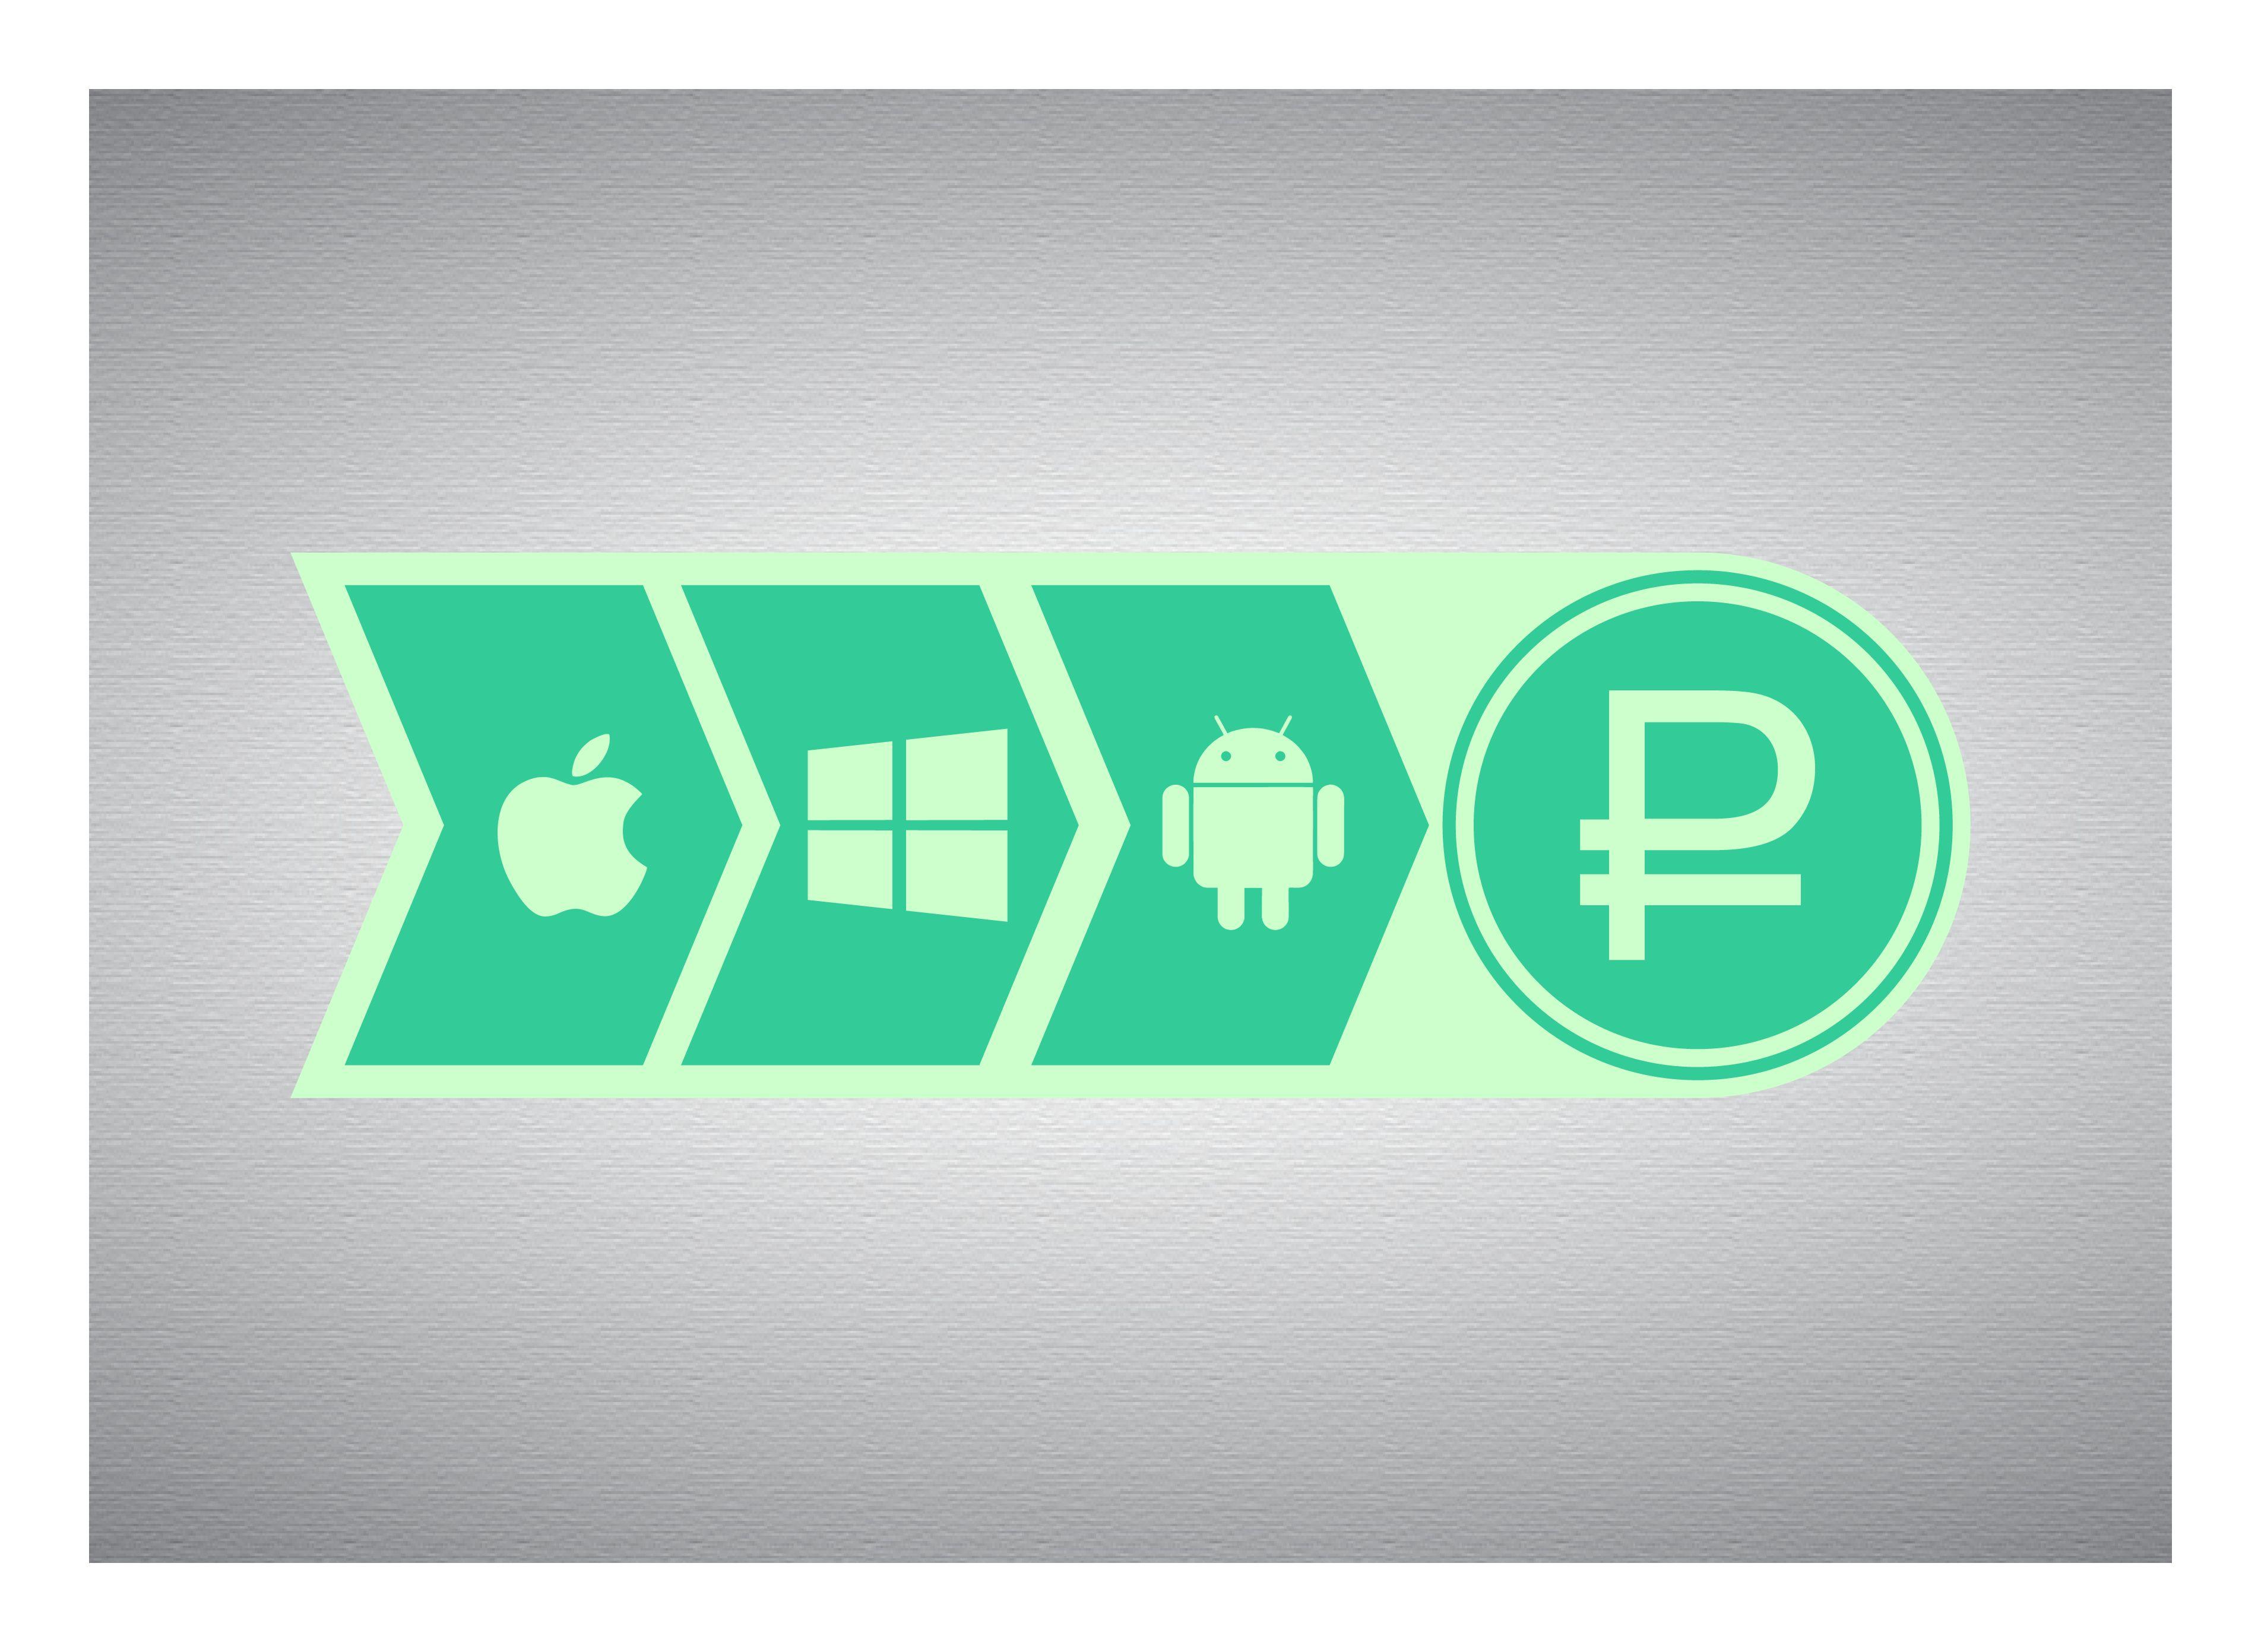 Логотип для мобильной партнерской программы - дизайнер airanon